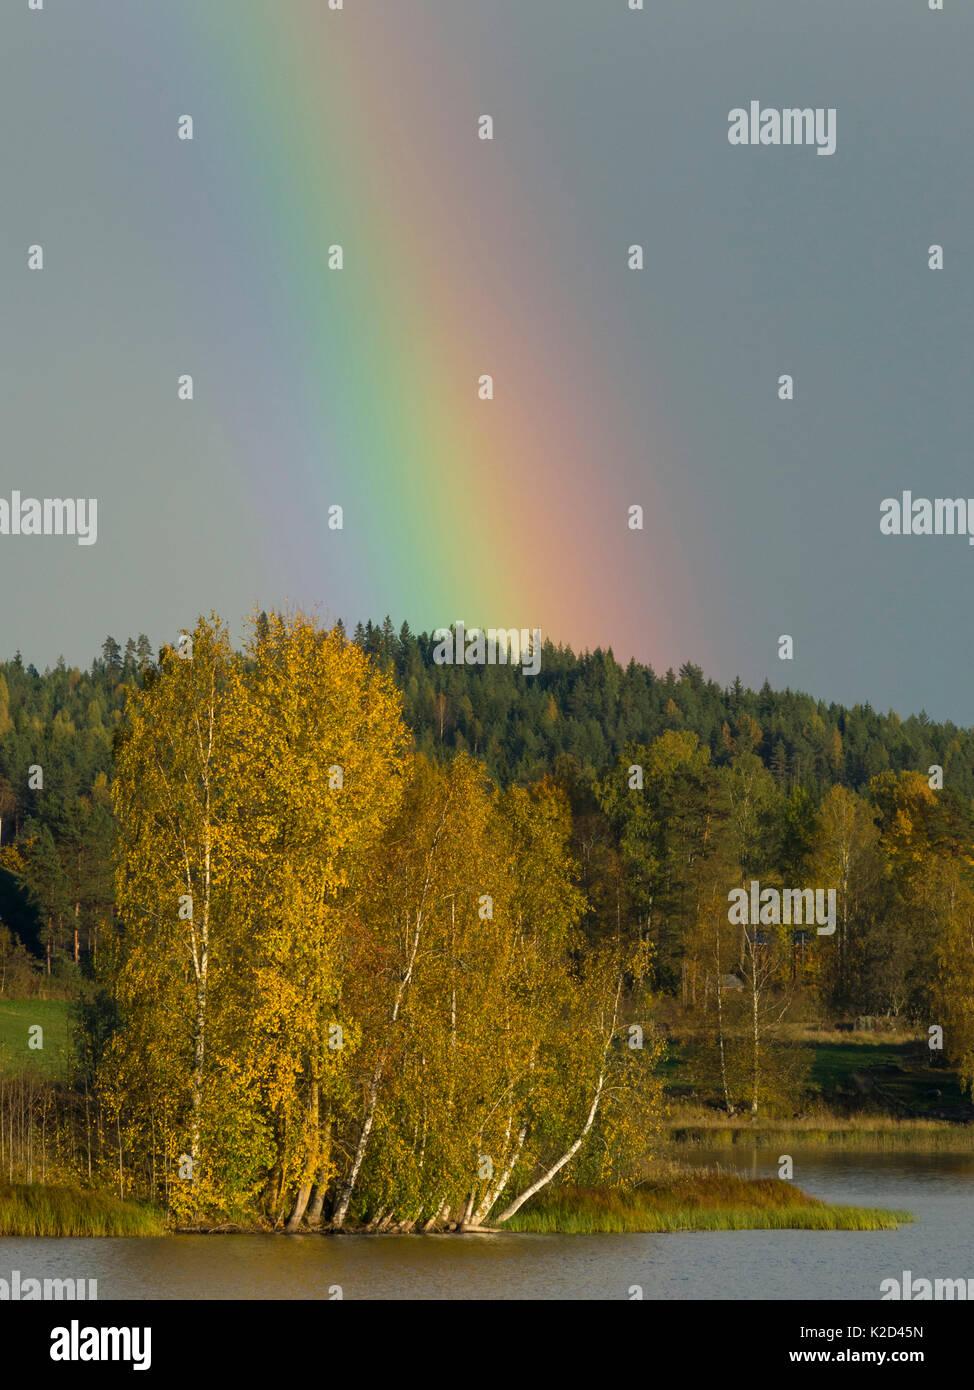 Rainbow over trees in autumn, Jyvaskyla, Finland, September 2015. Stock Photo